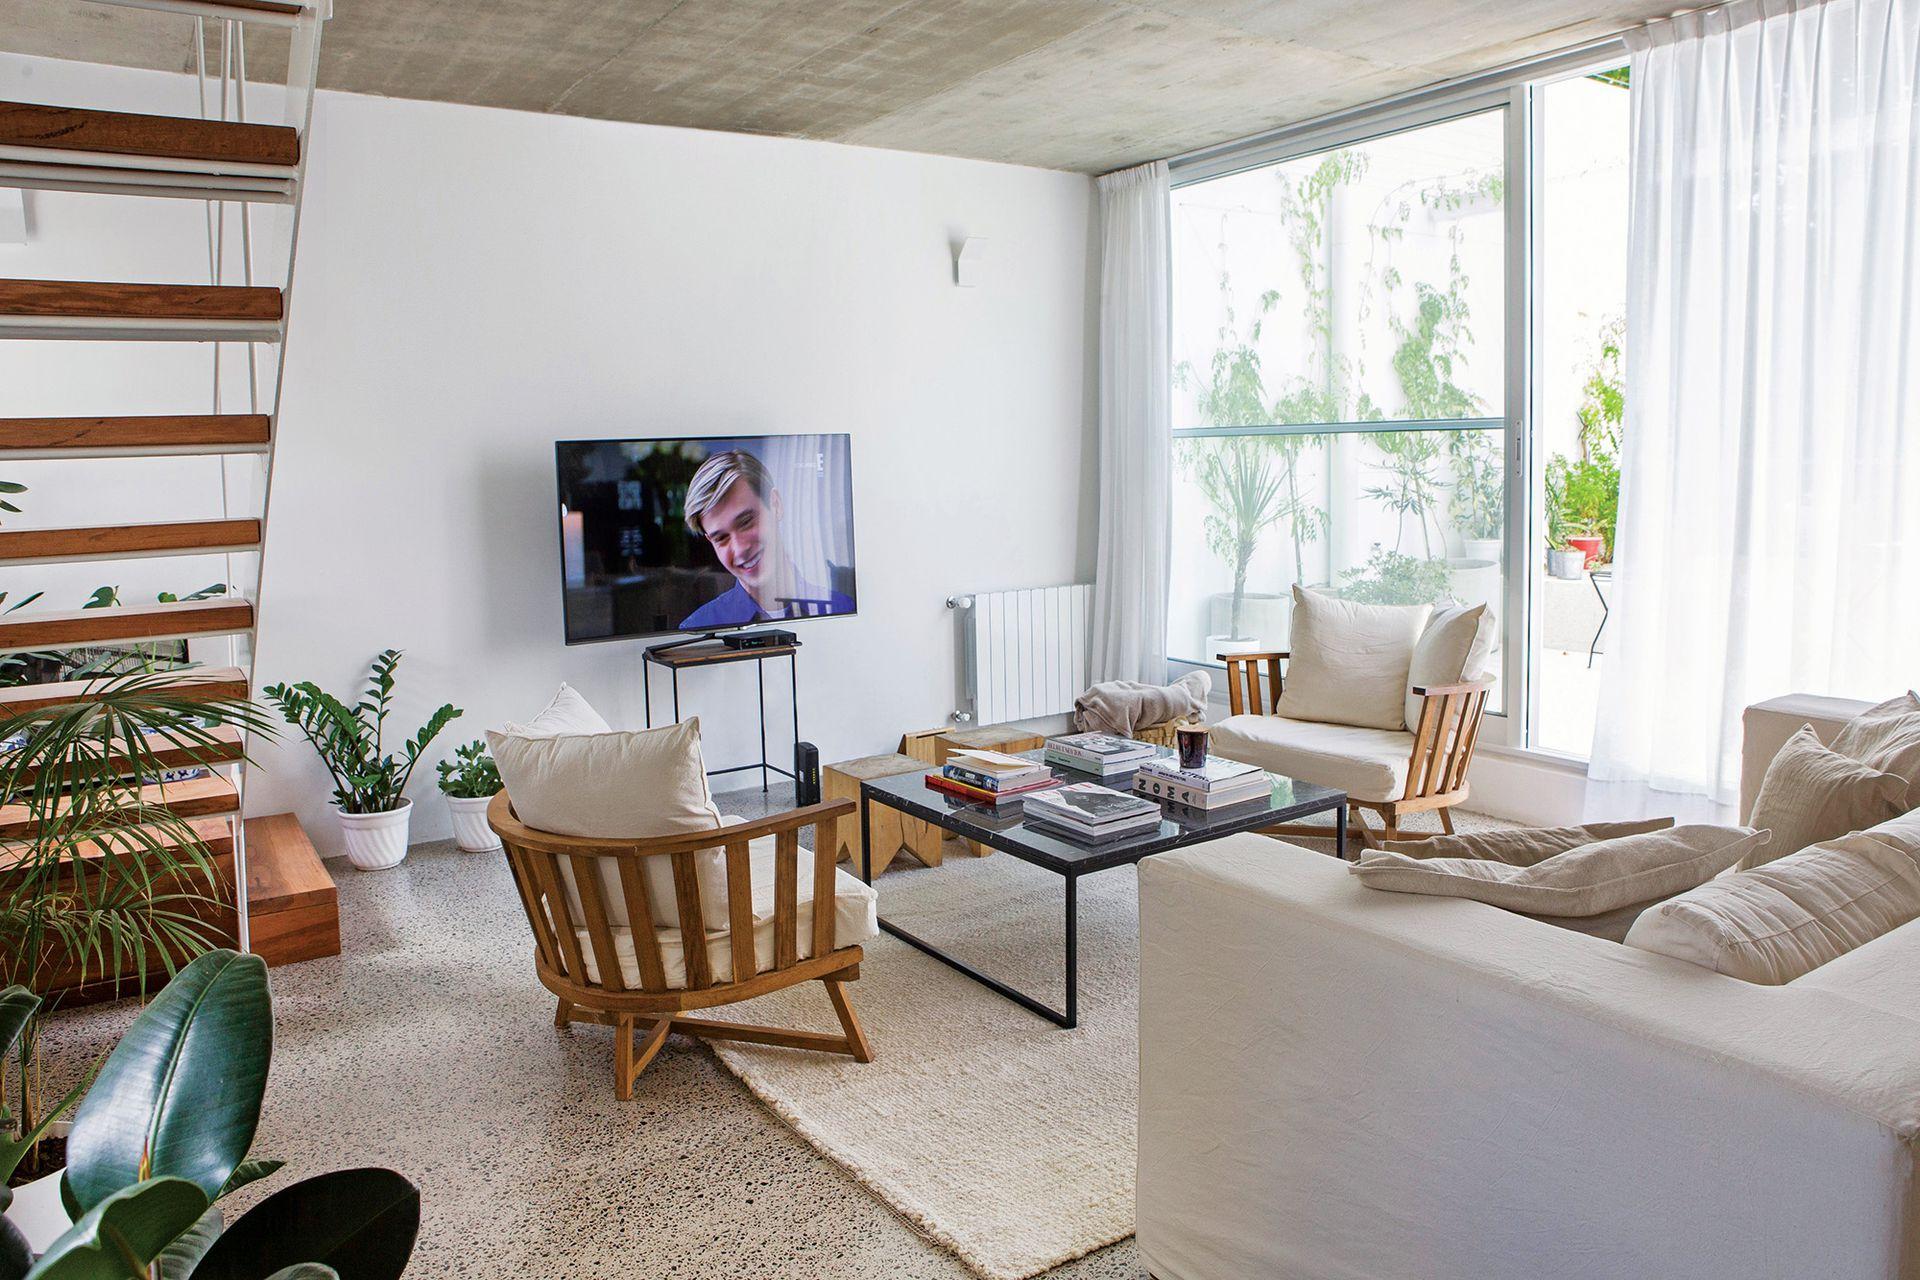 Sillón de dos cuerpos (Mema Lerena), dos sillones 'Gervasoni' (Maifren Muebles) con asiento tapizado en tussor off white y almohadones con funda de lino. Los tacos 'Álamo' (Net Muebles) cubren el otro lateral de la mesa. La alfombra, de lana (Elementos Argentinos), termina de marcar el espacio.